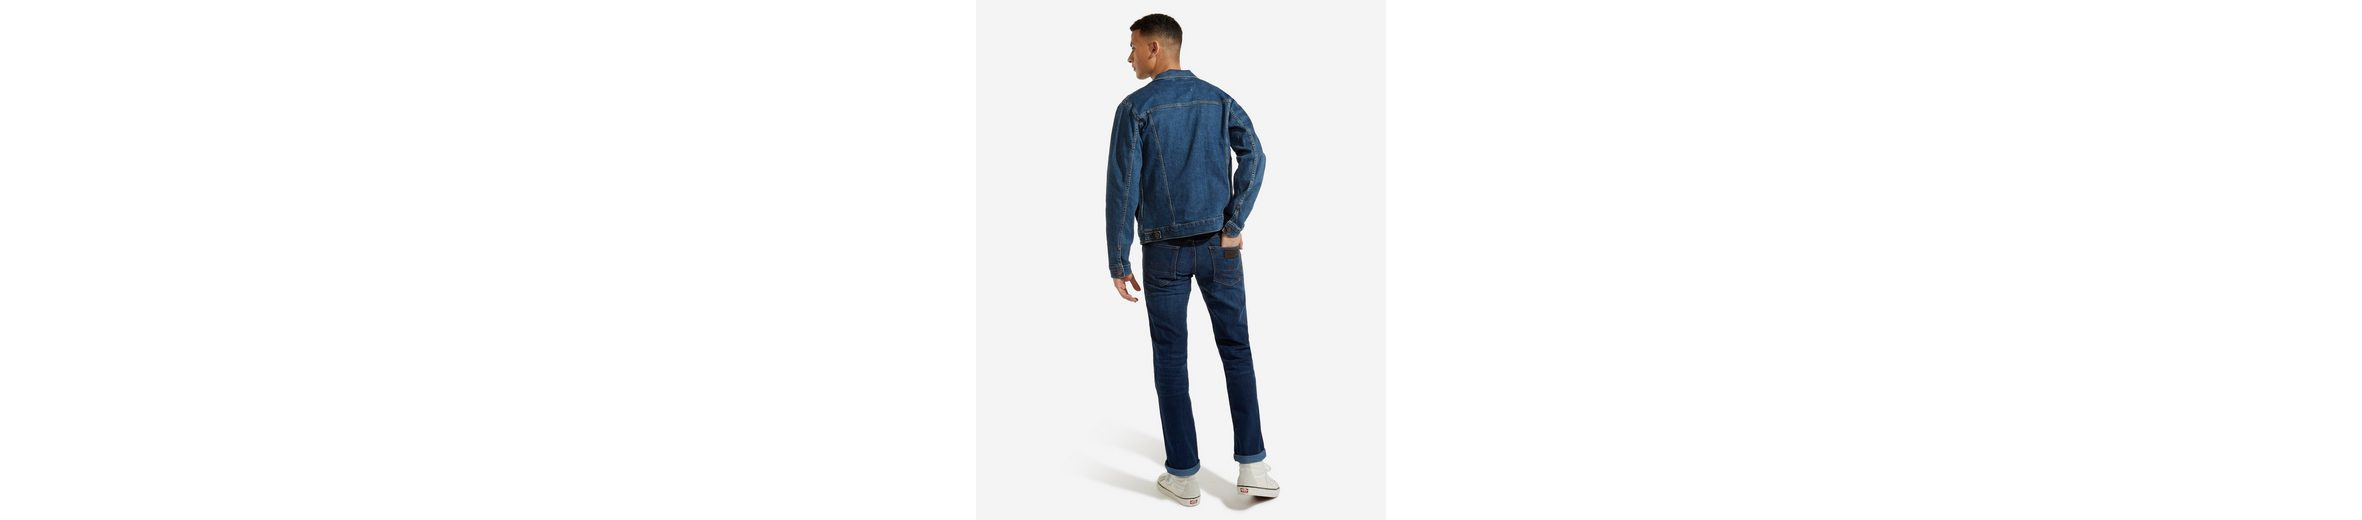 Wrangler Jeans Arizona Stretch Mit Kreditkarte Freies Verschiffen 100% Original Schnelle Lieferung Große Diskont Verkauf Online go3KUO